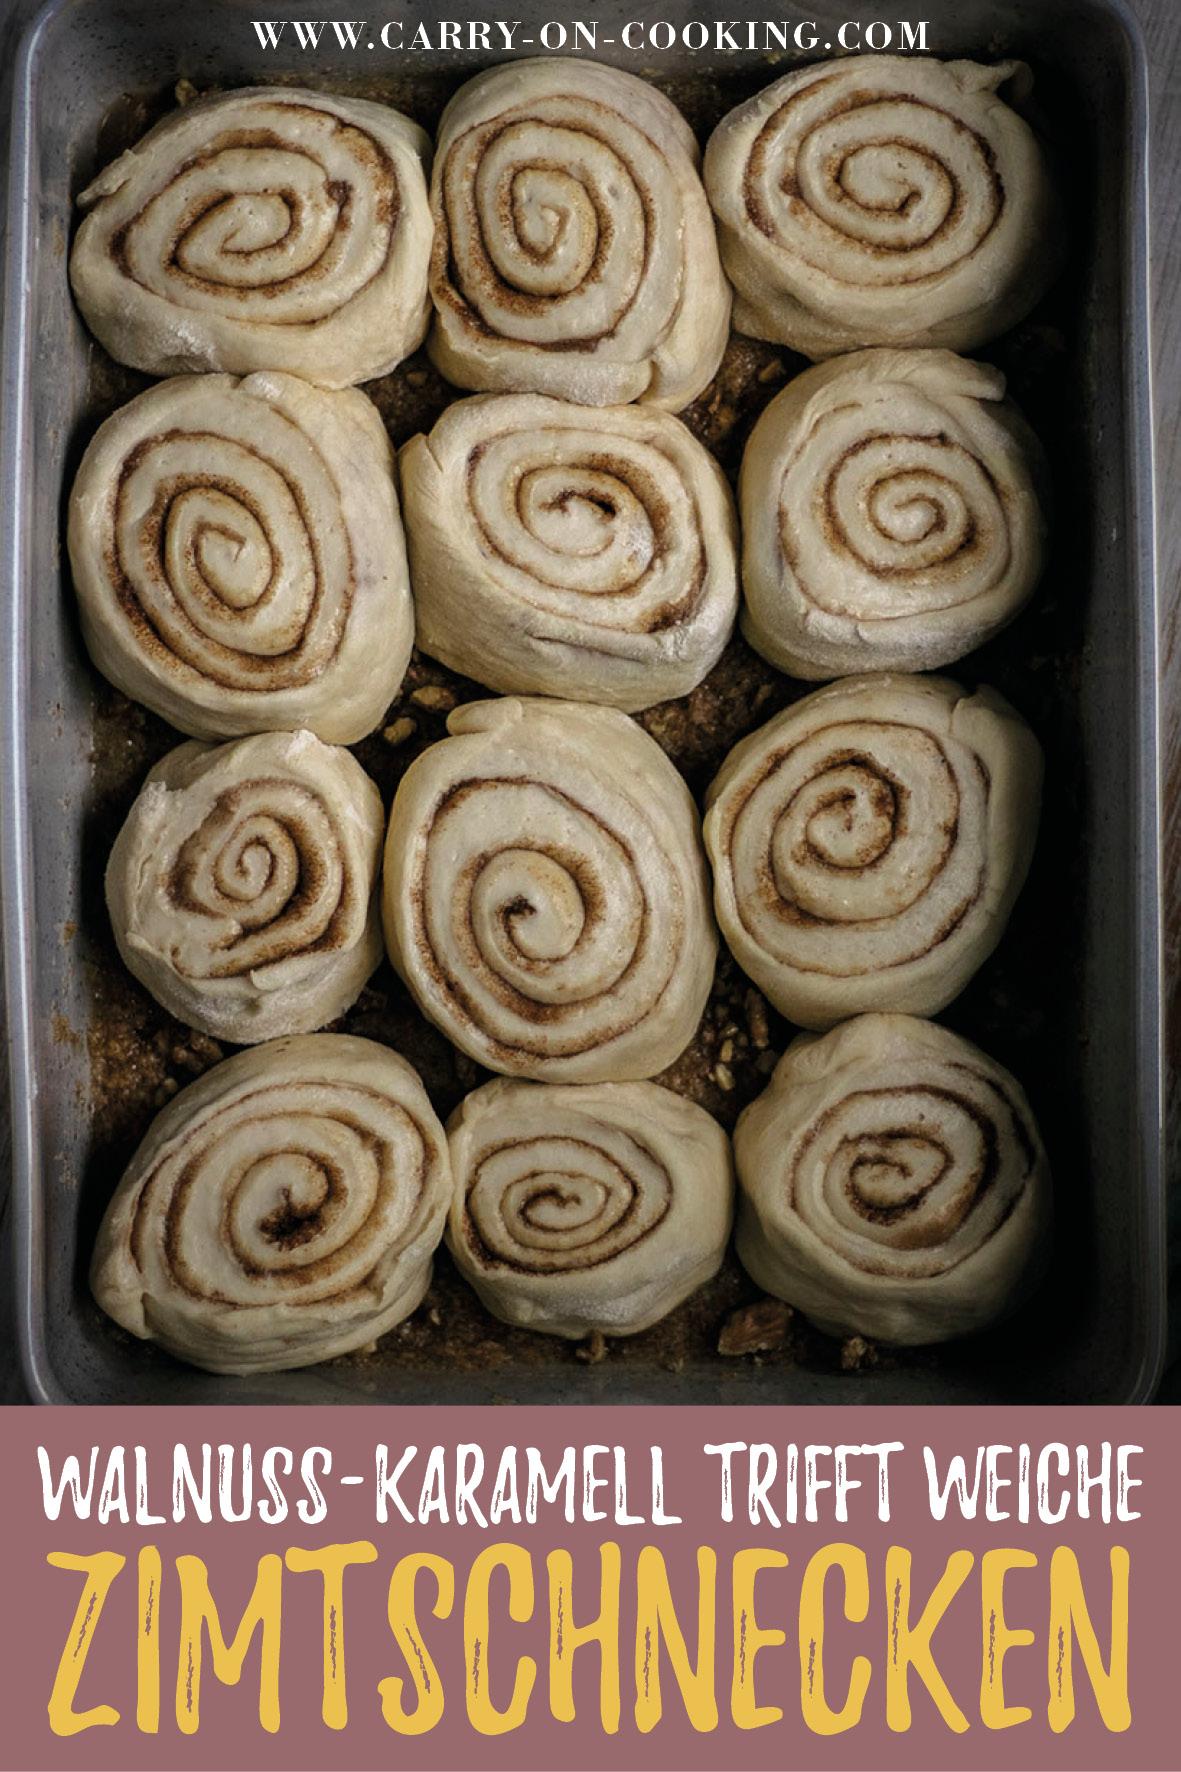 Gleich auf deine Pinterest-Pinwand pinnen: Rezept für vegane Zimtschnecken mit Walnuss-Karamell